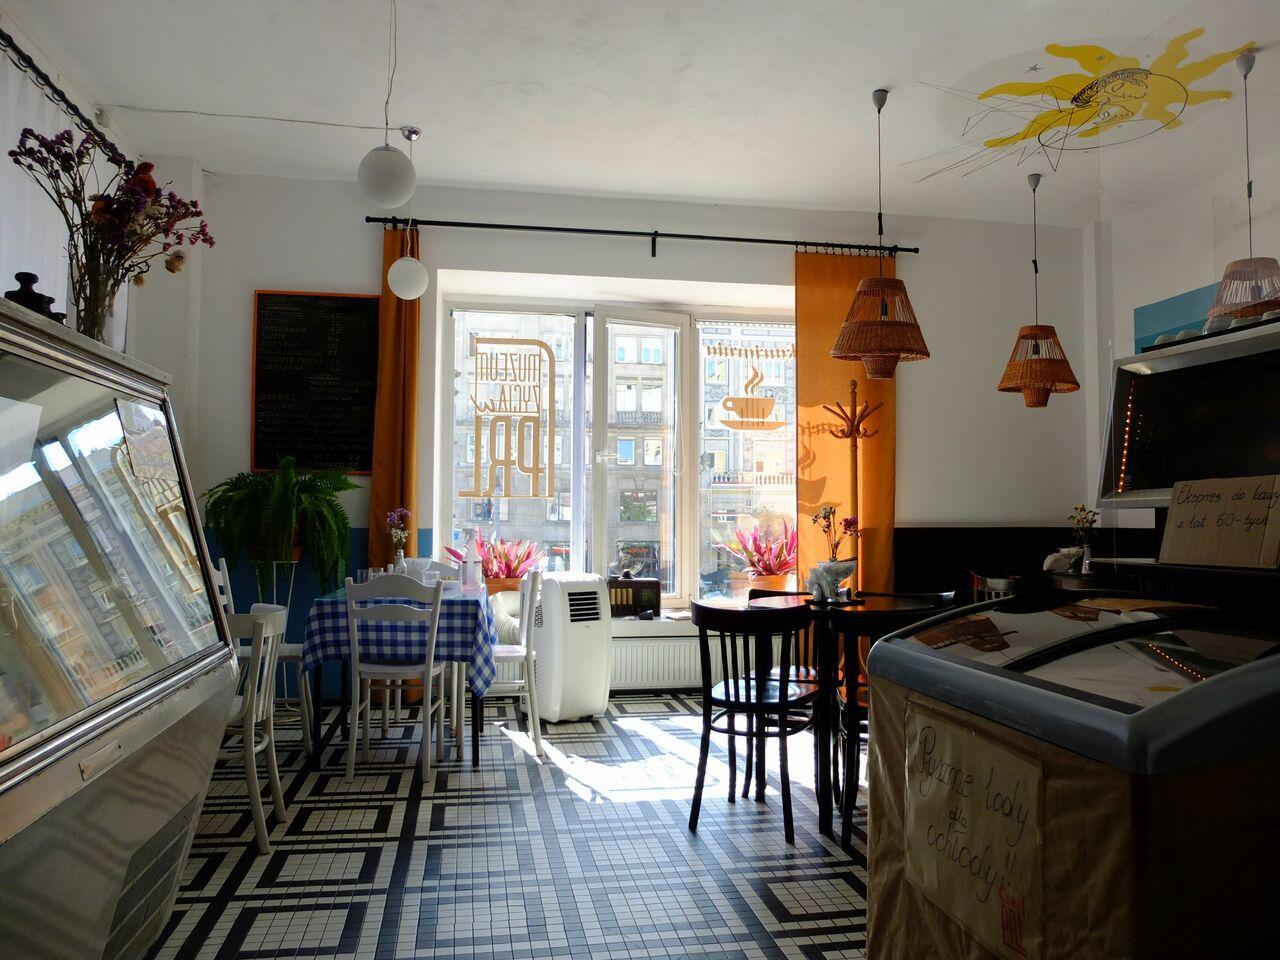 Das Warschauer Museumscafé ist mit originalen Einrichtungsgegenständen der sozialistischen Zeit möbliert. (Foto: Sabine Stach)